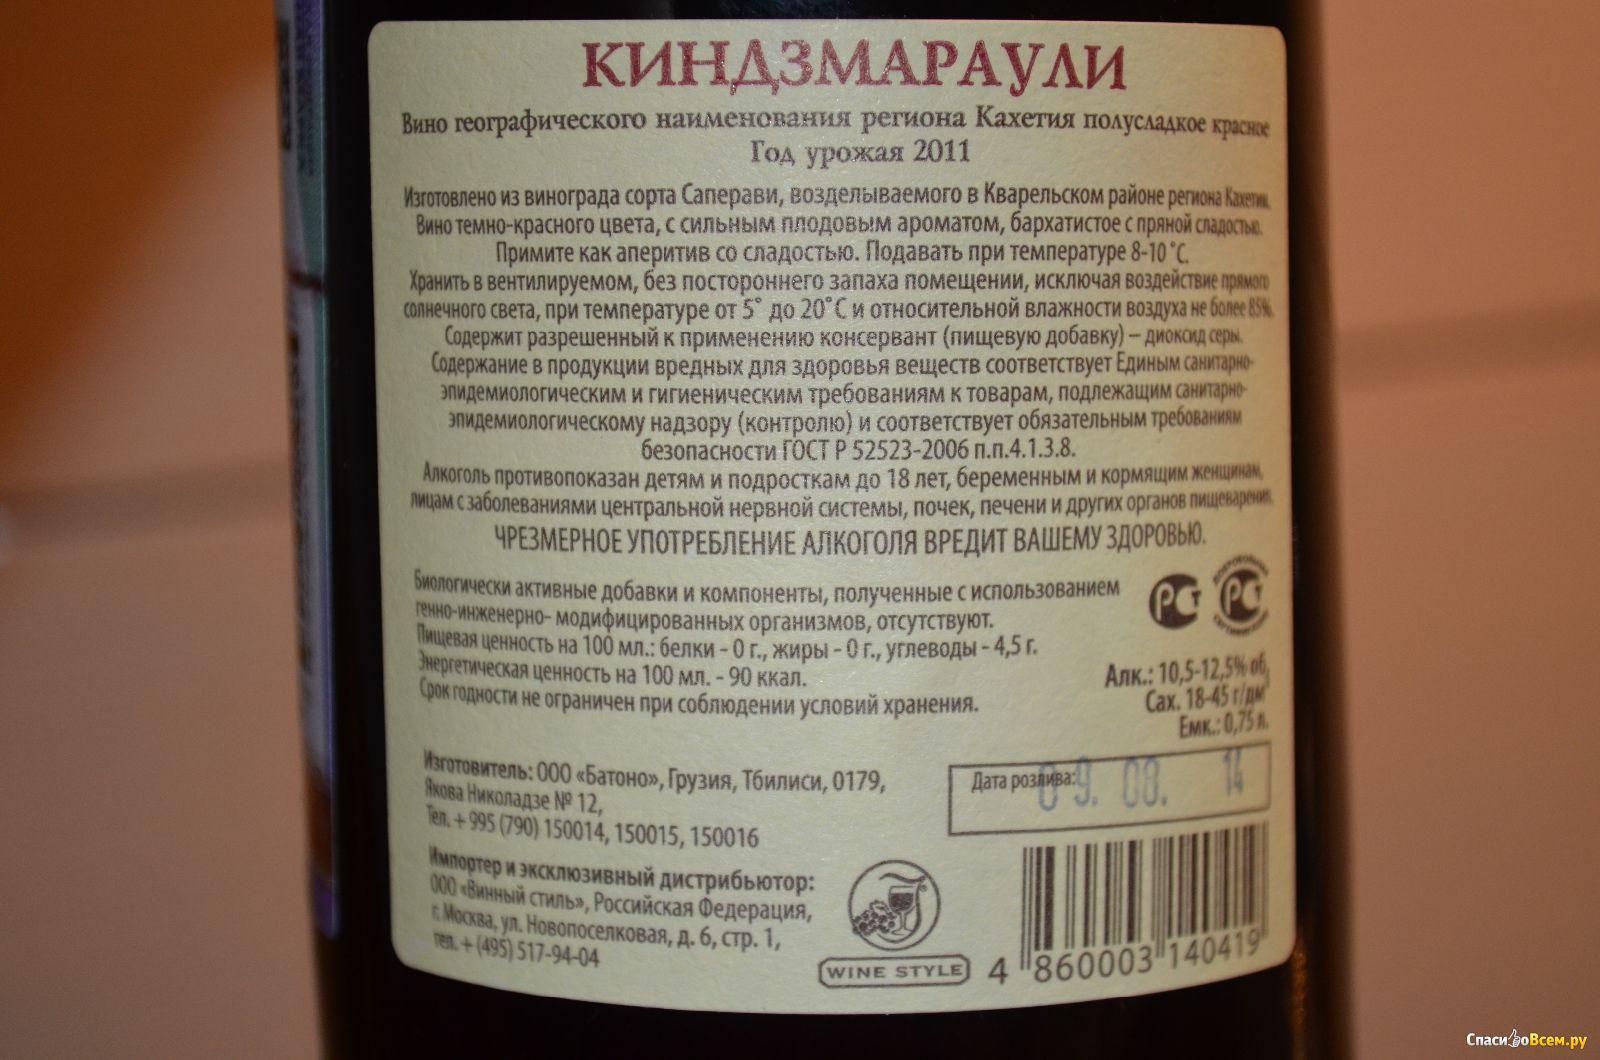 Вкусное Недорогое Вино Киндзмараули Цена Полусладкое Красное